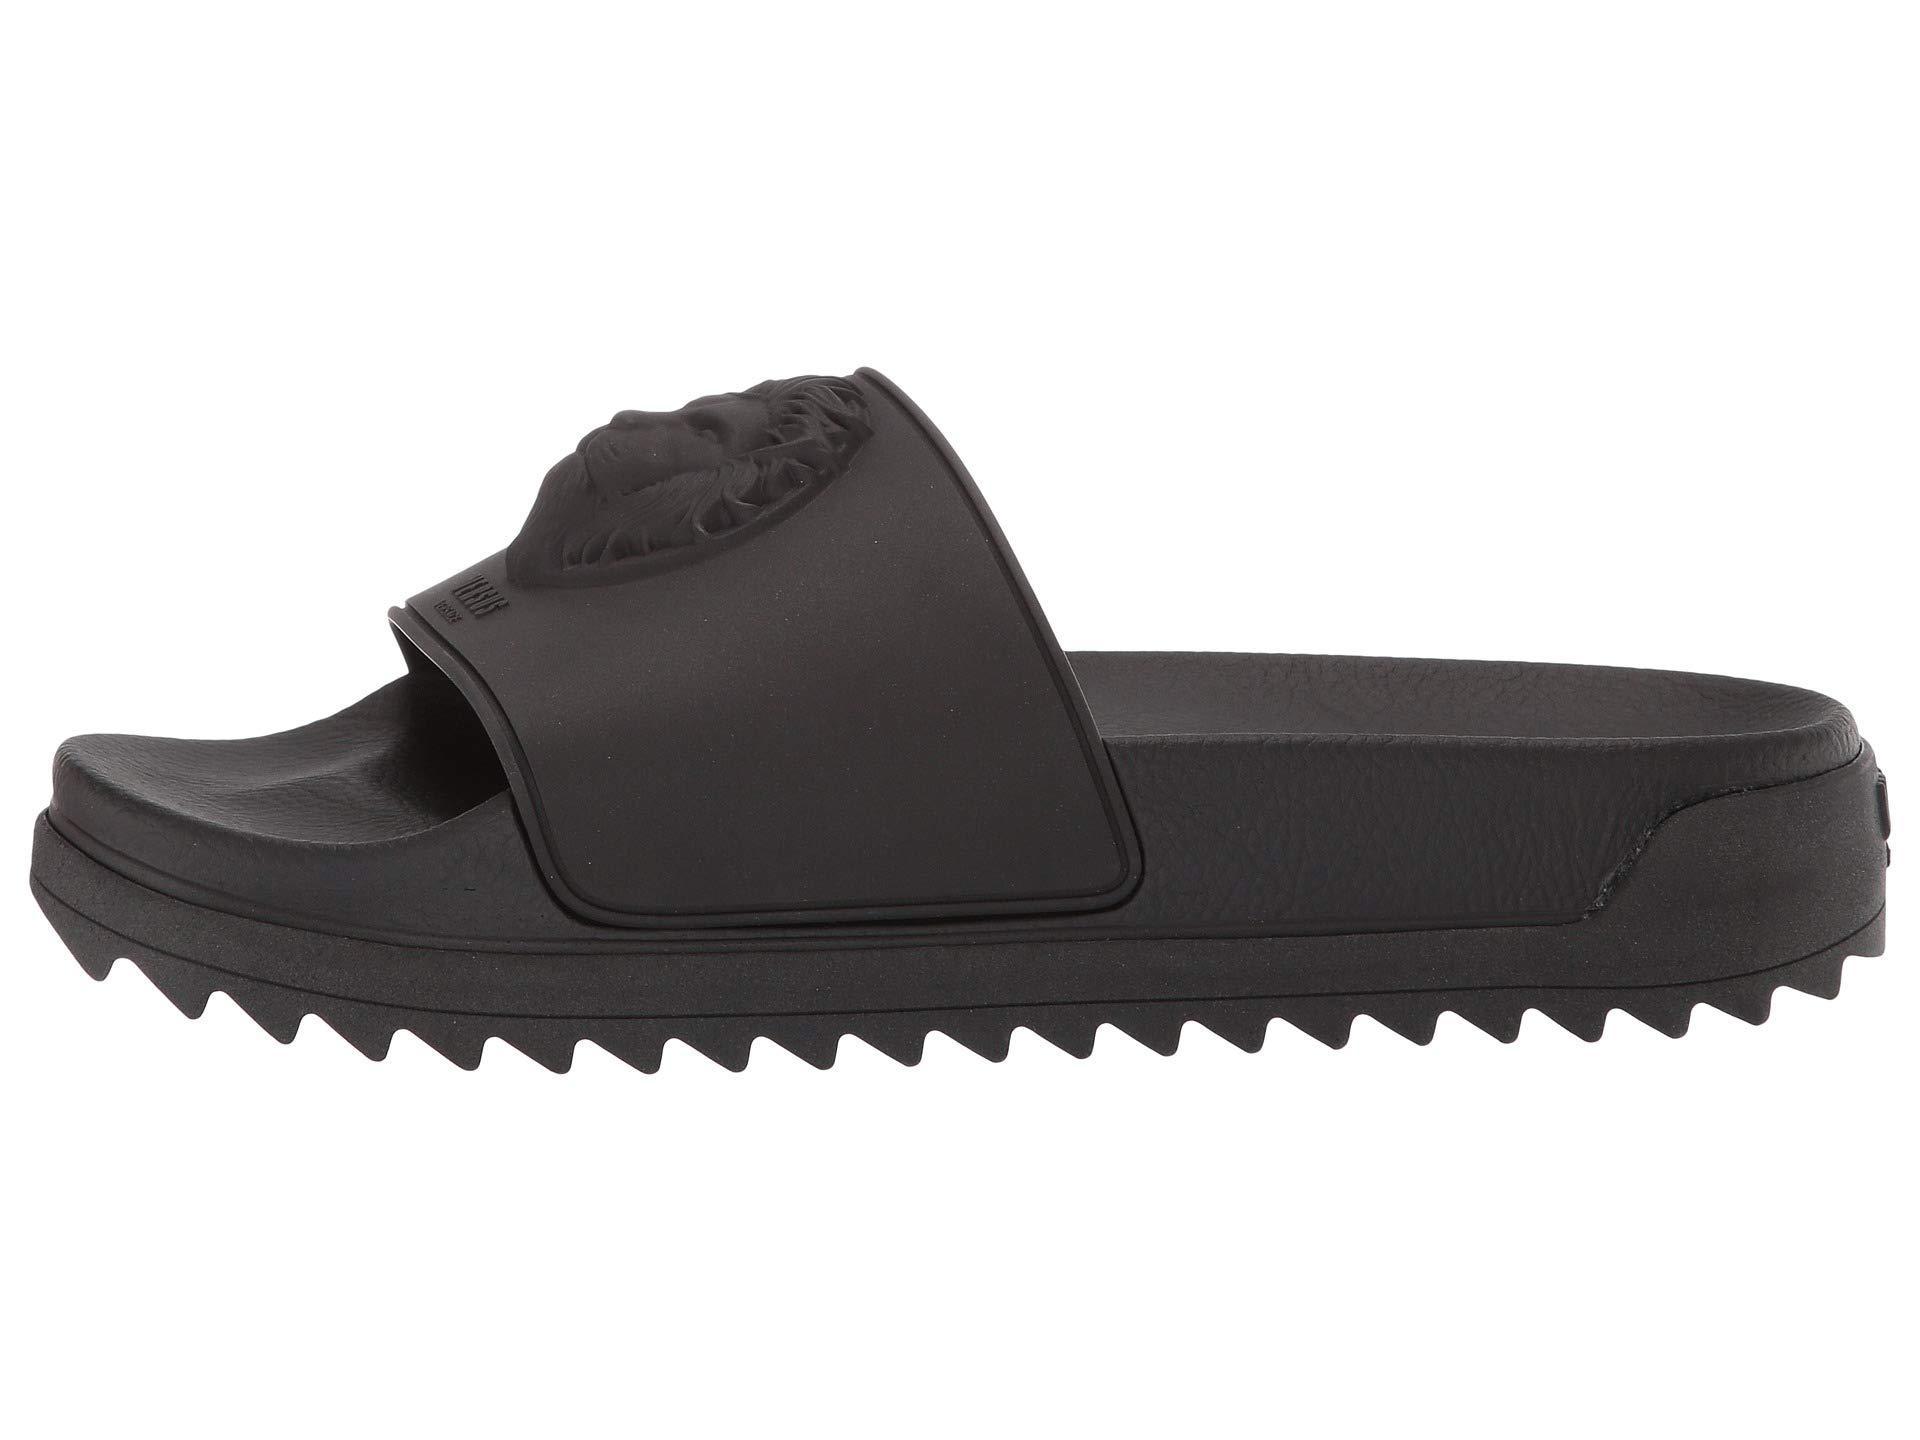 Mens Spot On Slip On Slippers Navy//Black//Brown Lion